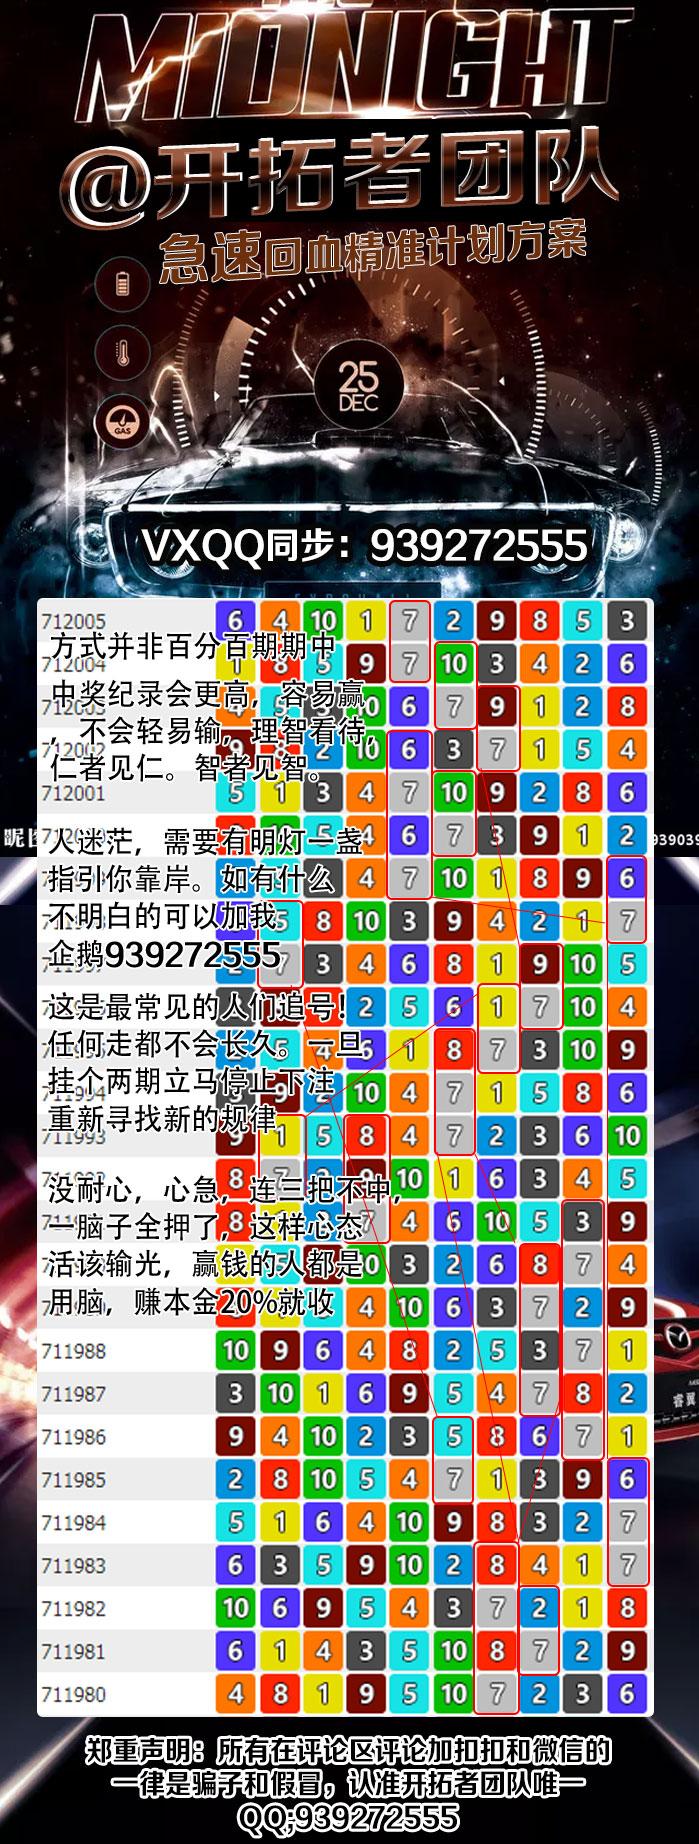 如何看懂幸运飞艇走势图规律北京赛车5678码雪球玩法解析公式盈利技巧